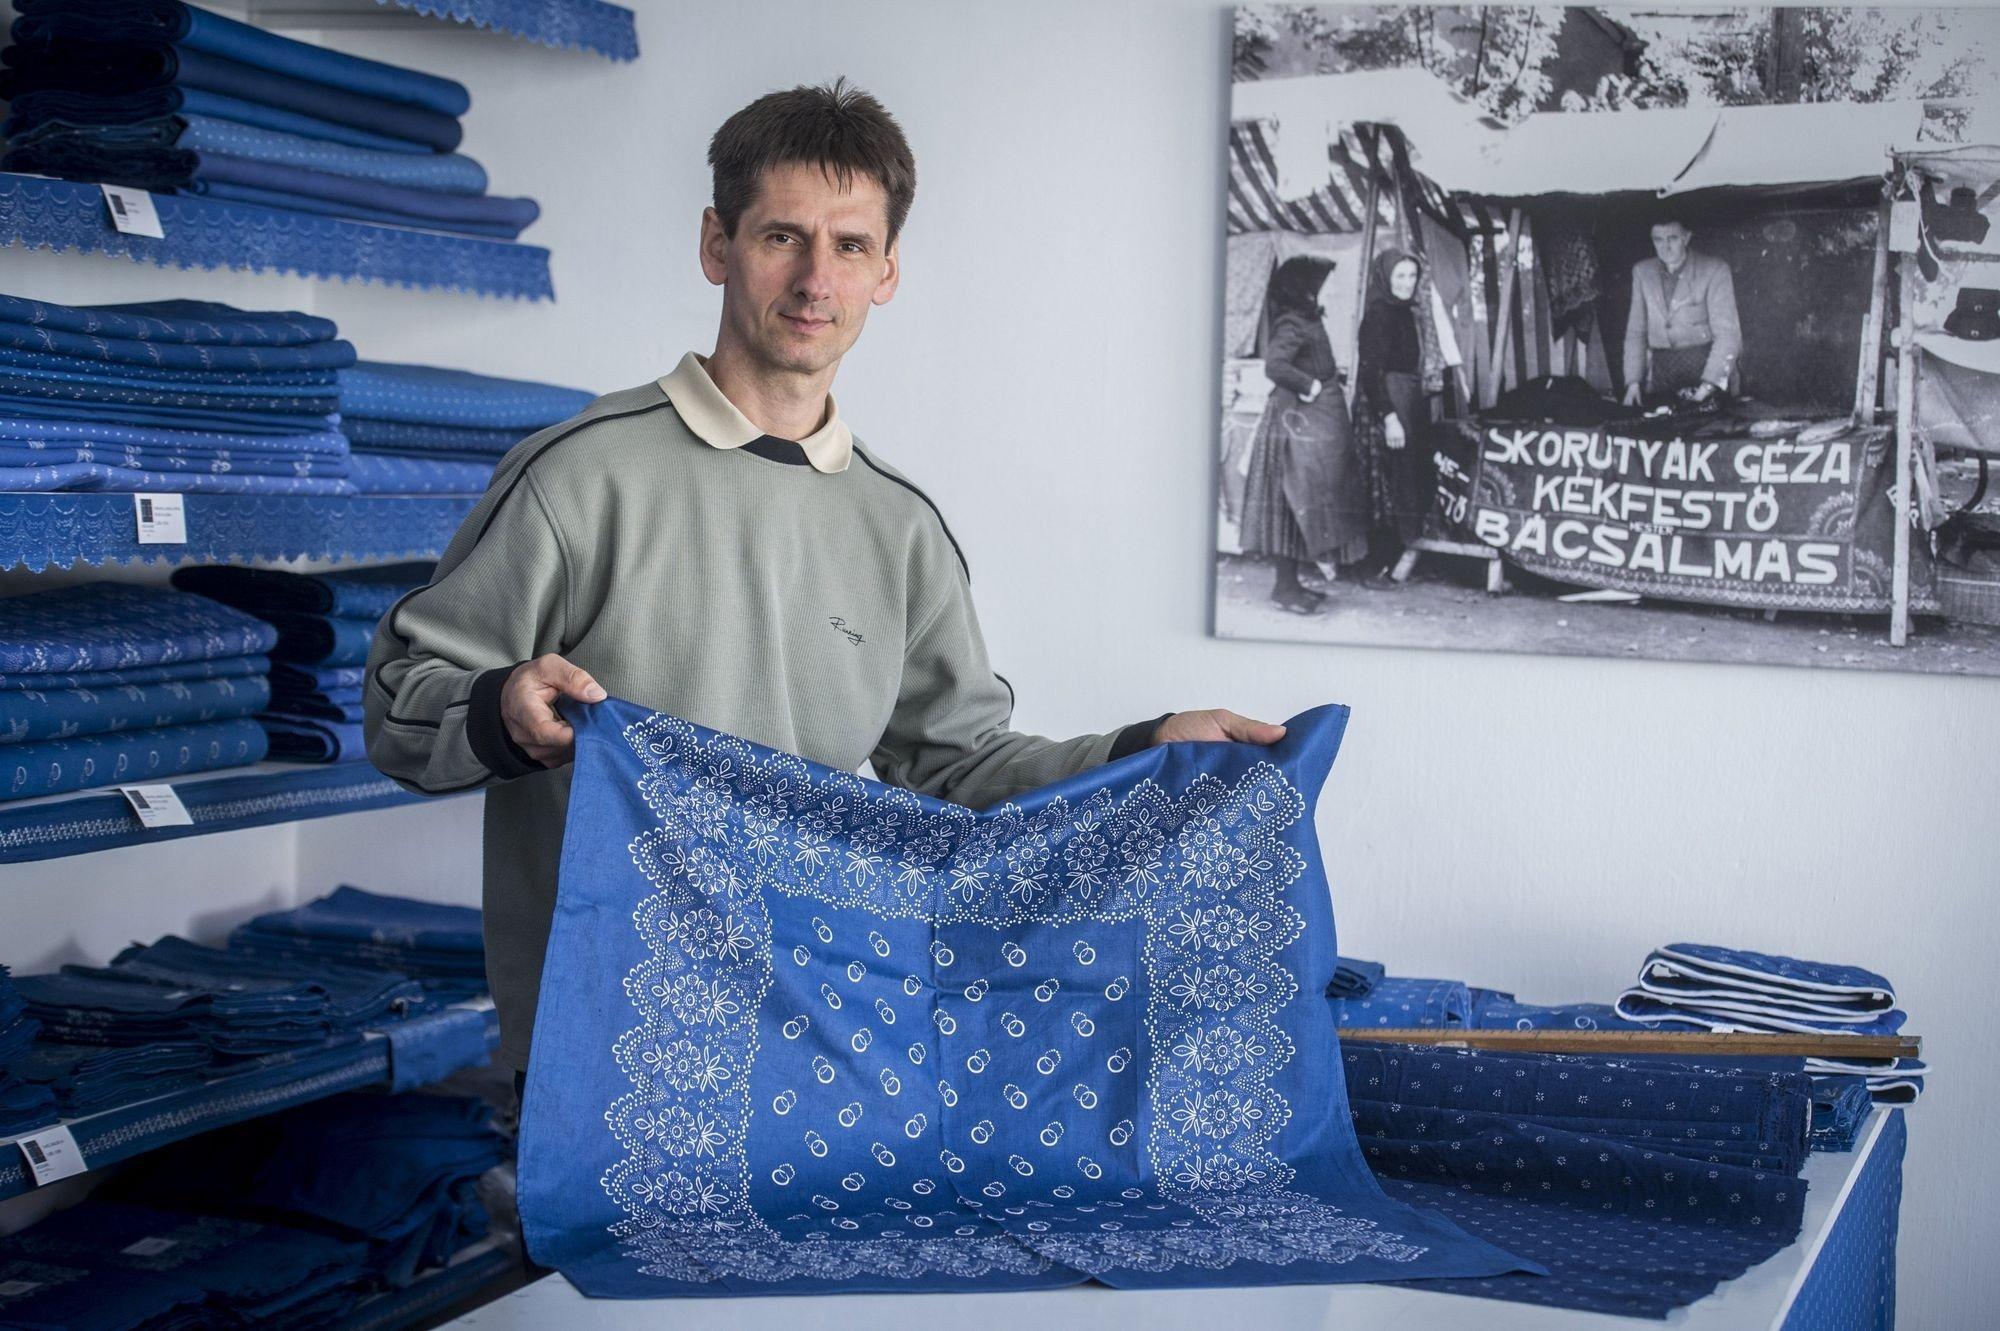 3465f693cf Felkerült a kékfestés az UNESCO szellemi kulturális örökség listájára